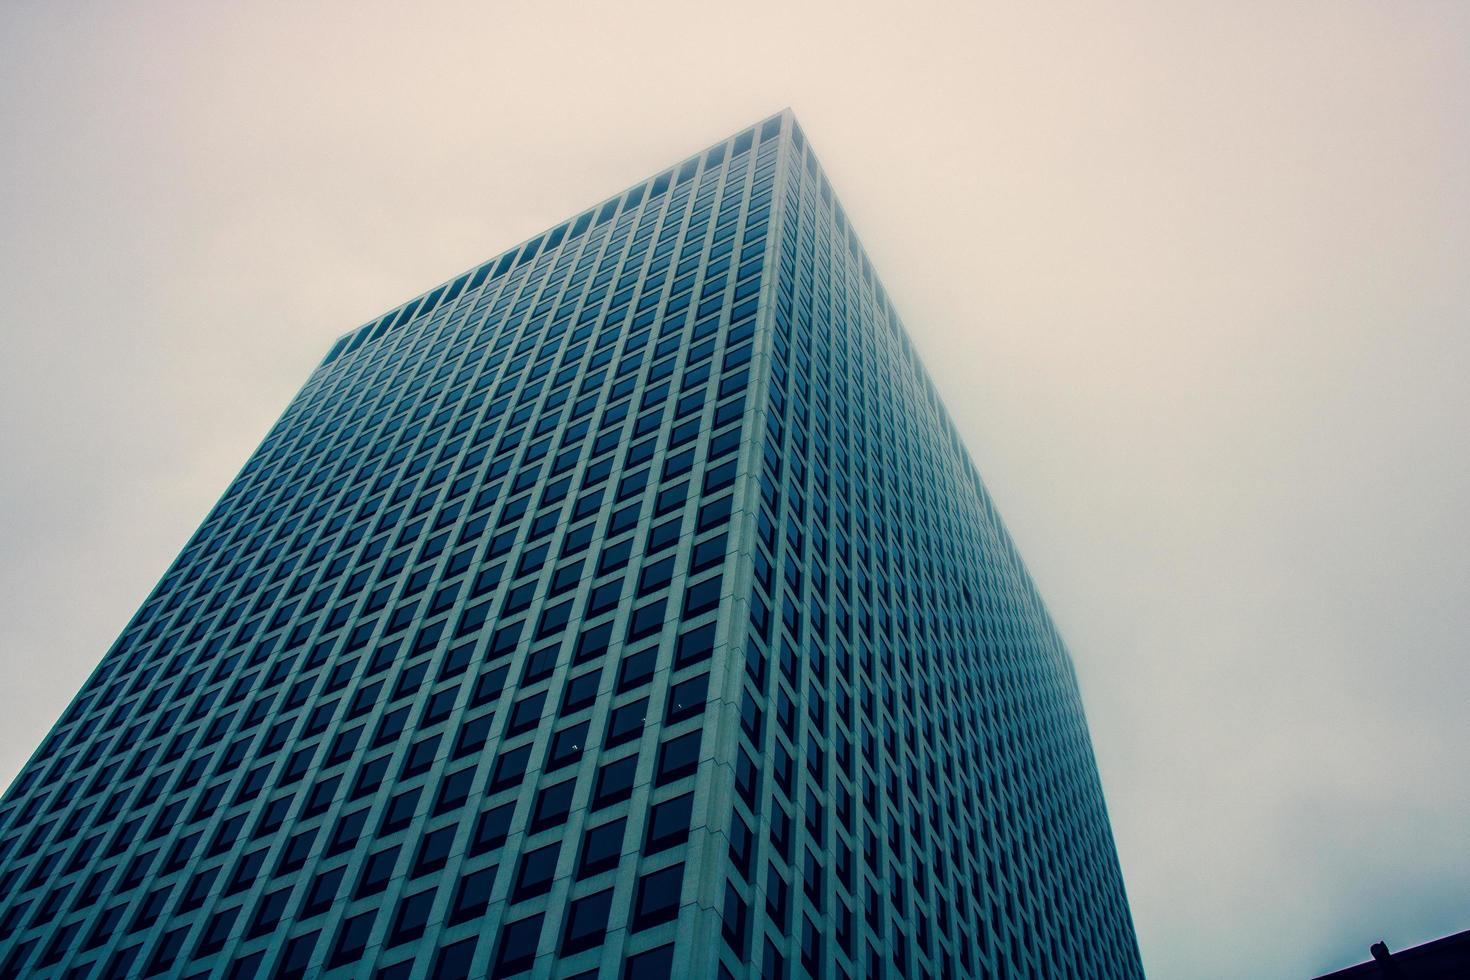 straatniveau weergave van wolkenkrabber foto